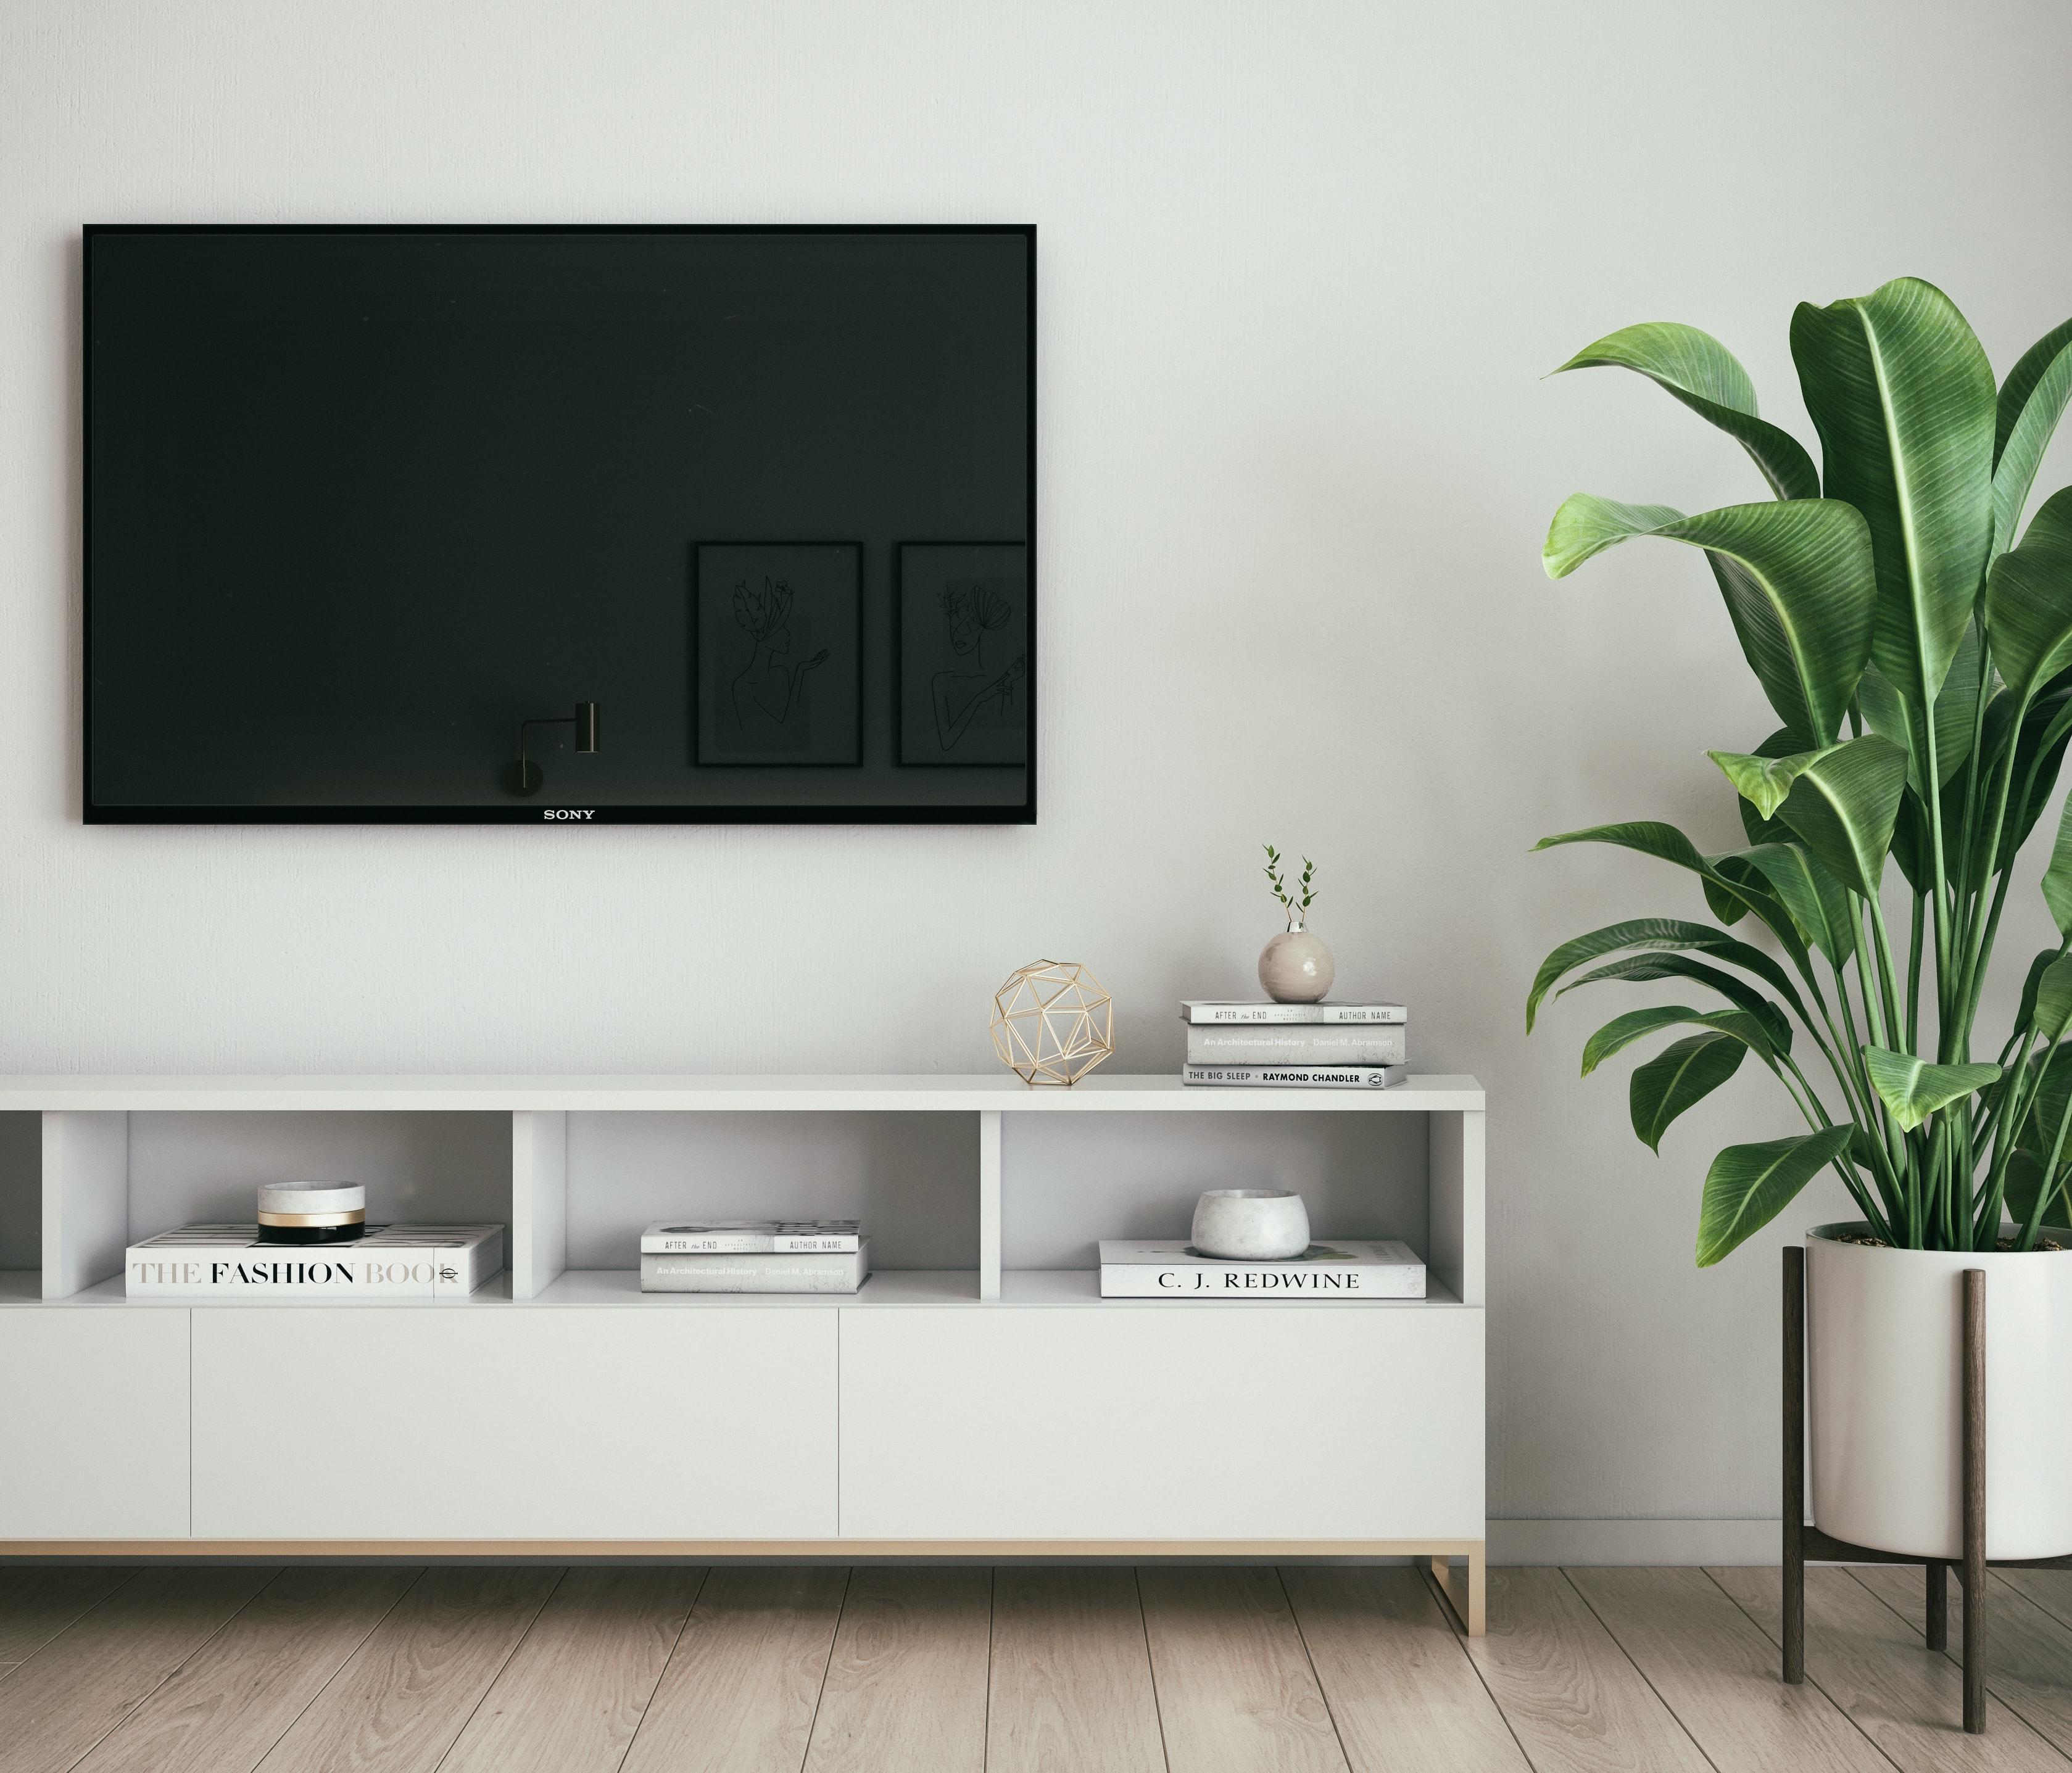 Televisões HD, LED, QLED, OLED ou 4K: quais são as diferenças?